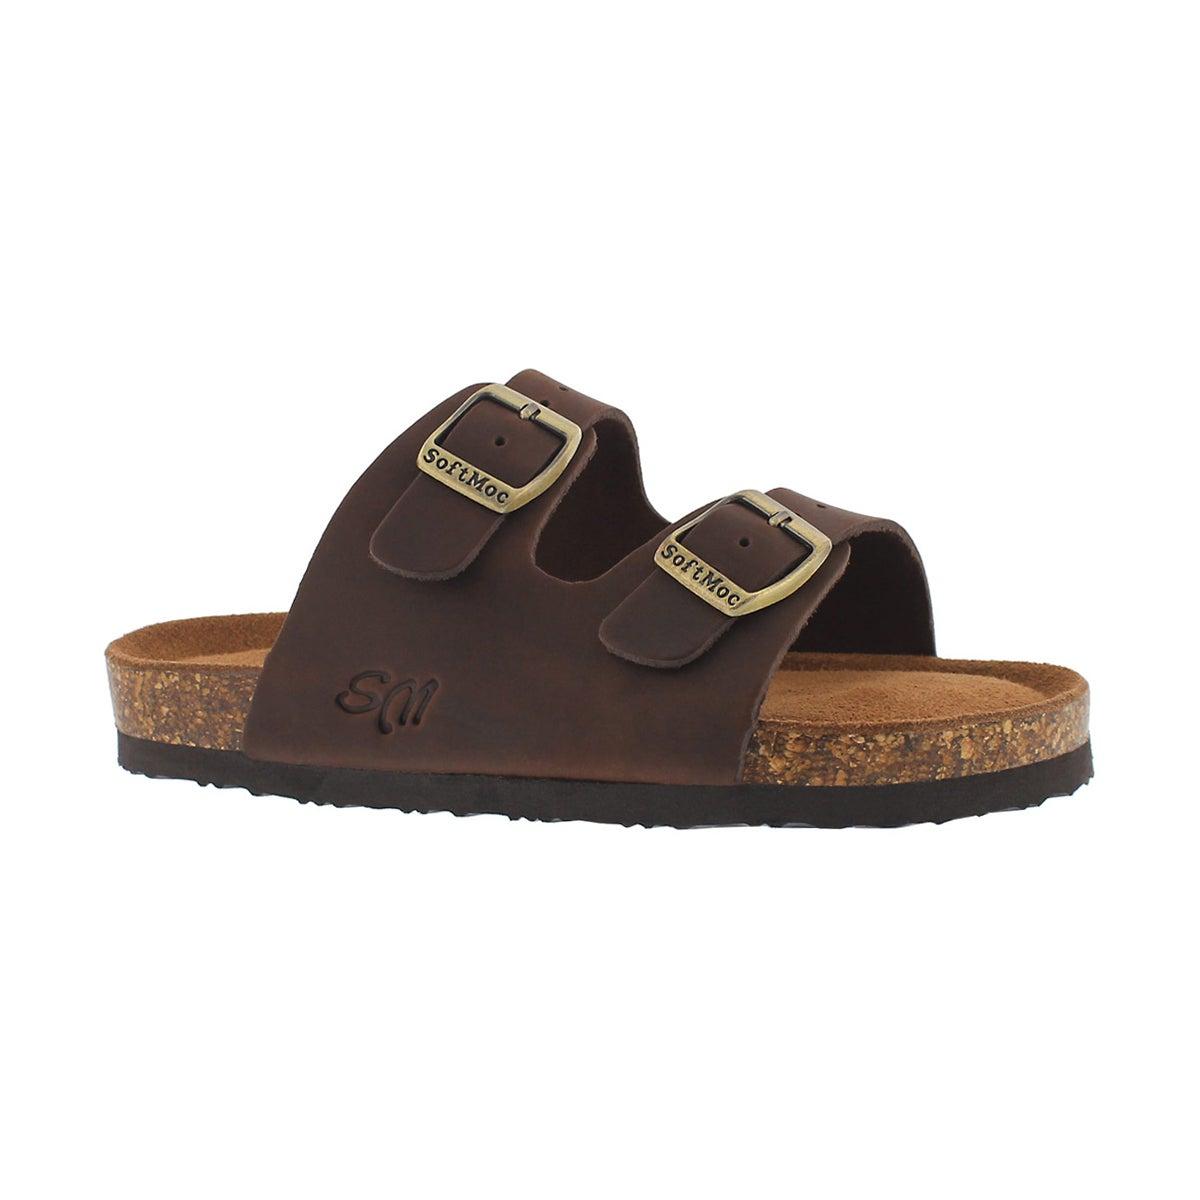 Kids' ALBERTA 5 brown memory foam sandals